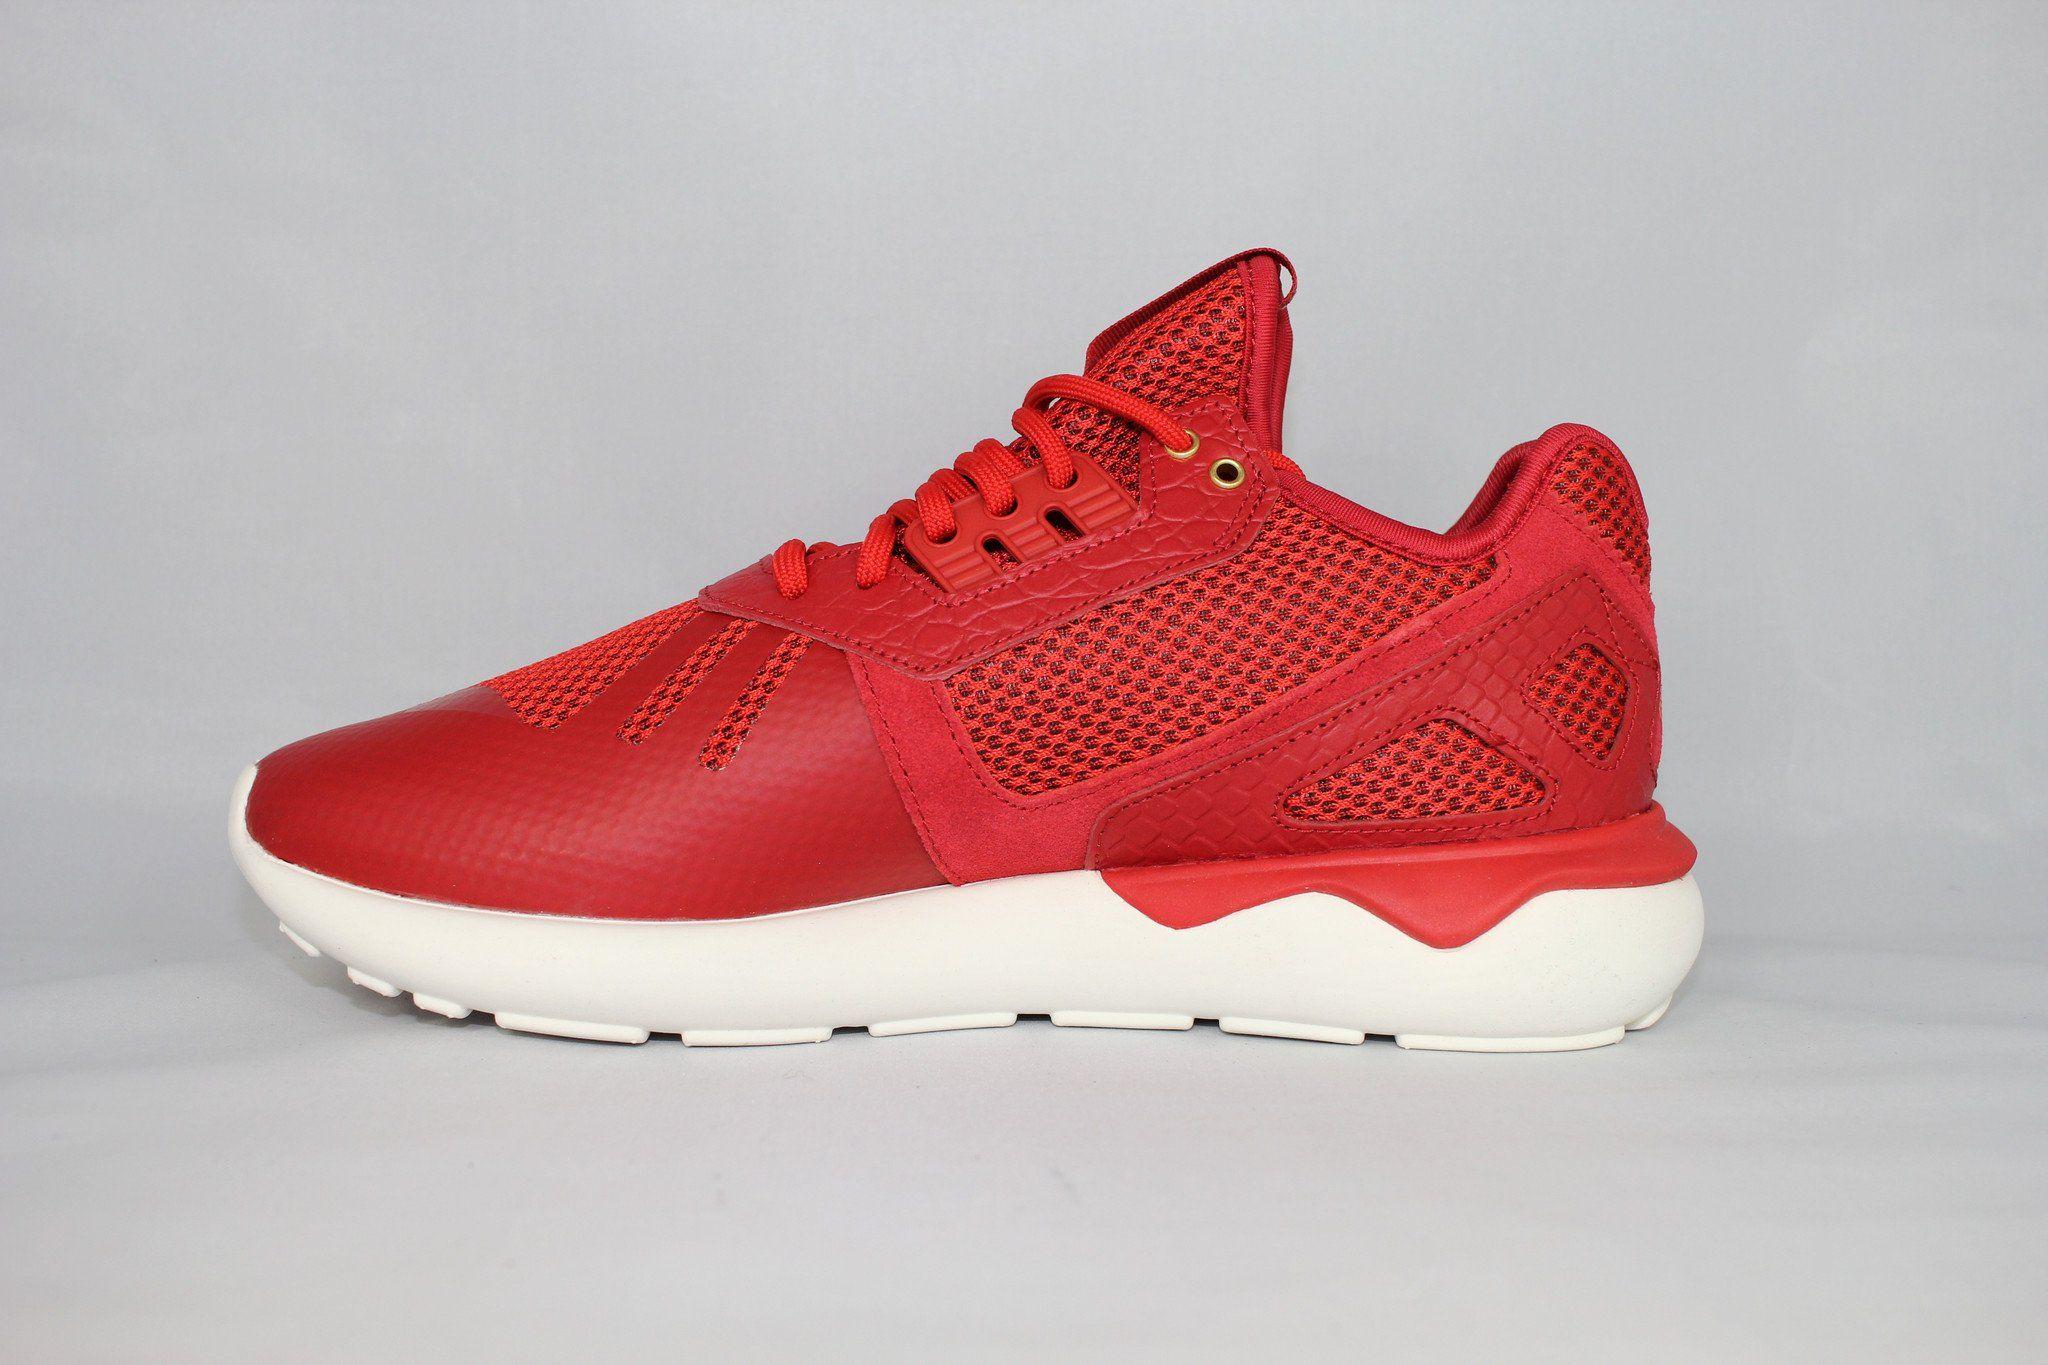 Adidas tubular Runner zapatico Pinterest retro Jordans, Adidas